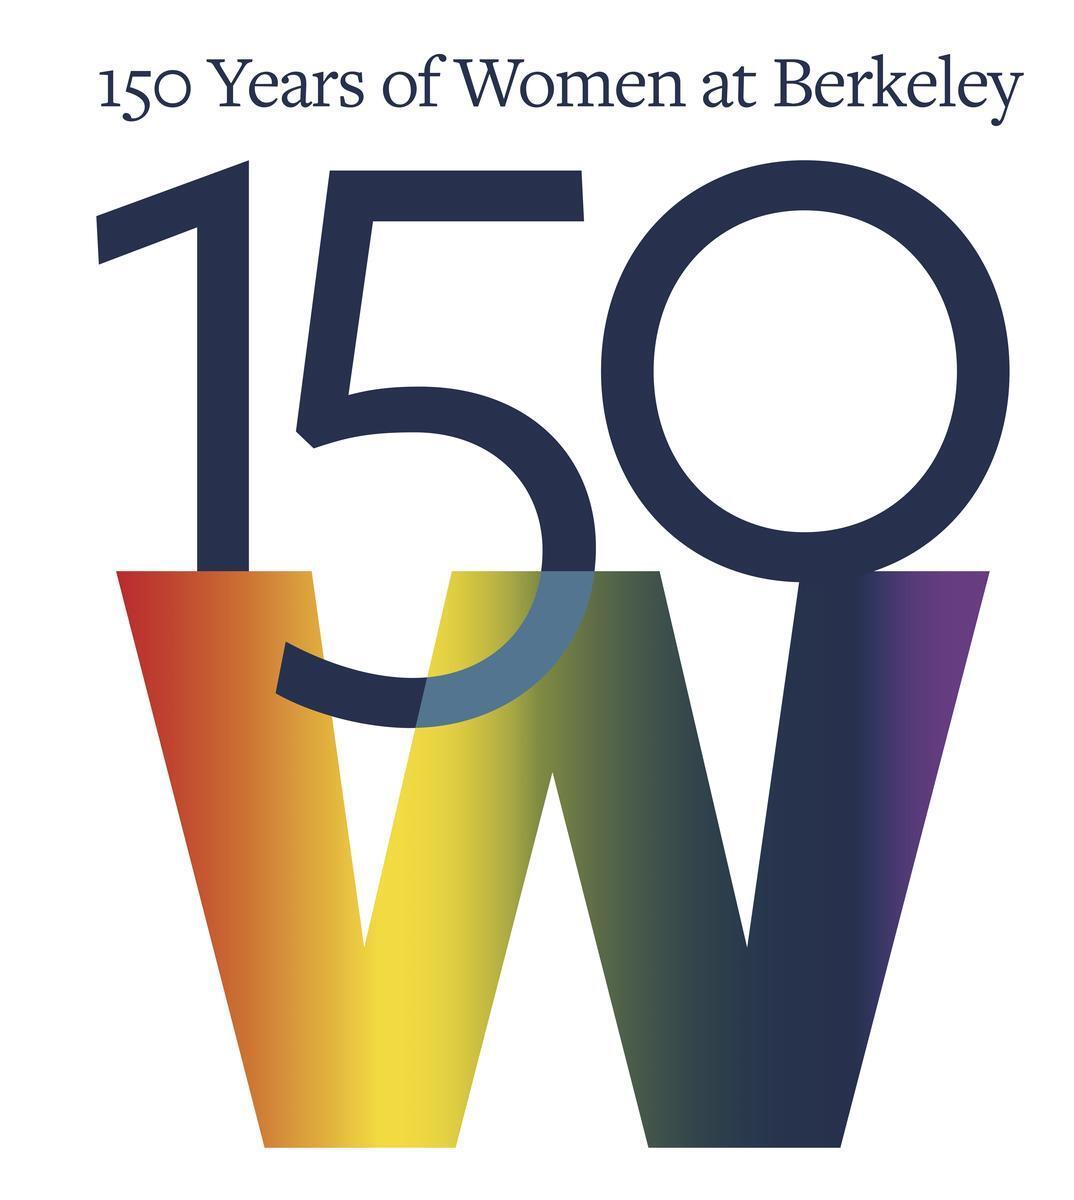 Rainbow 150 Years of Women at Berkeley logo